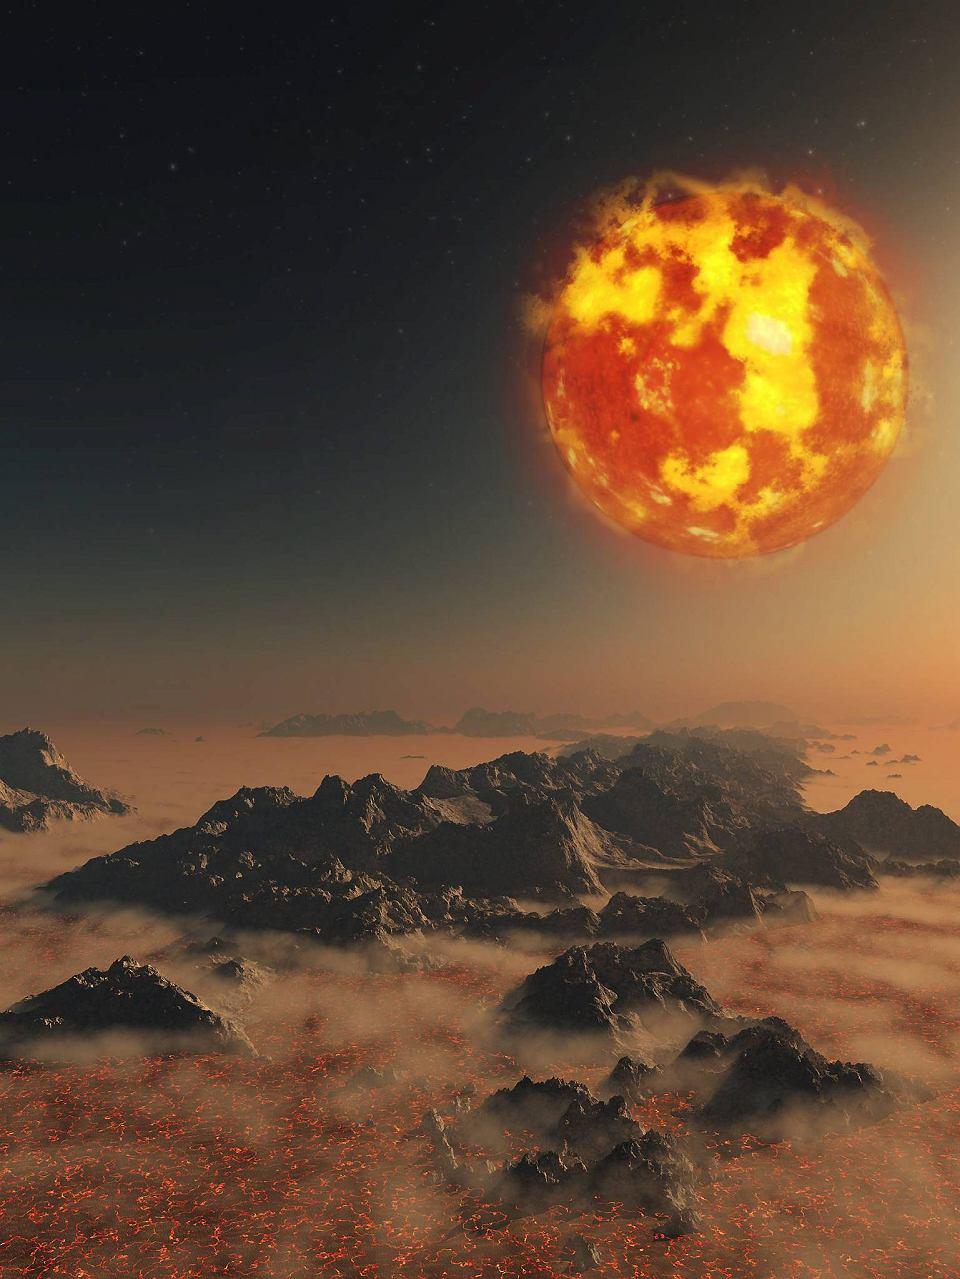 Słońce także stanie się kiedyś czerwonym olbrzymem. Być może pochłonie wtedy Ziemię